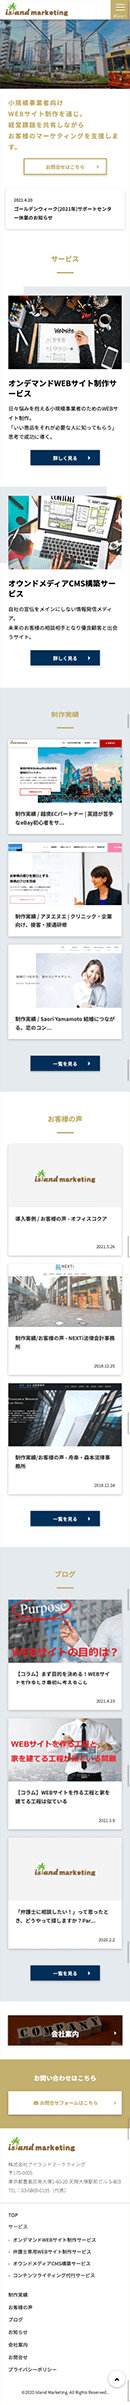 Webマーケティング_制作実績_株式会社アイランドマーケティング_3